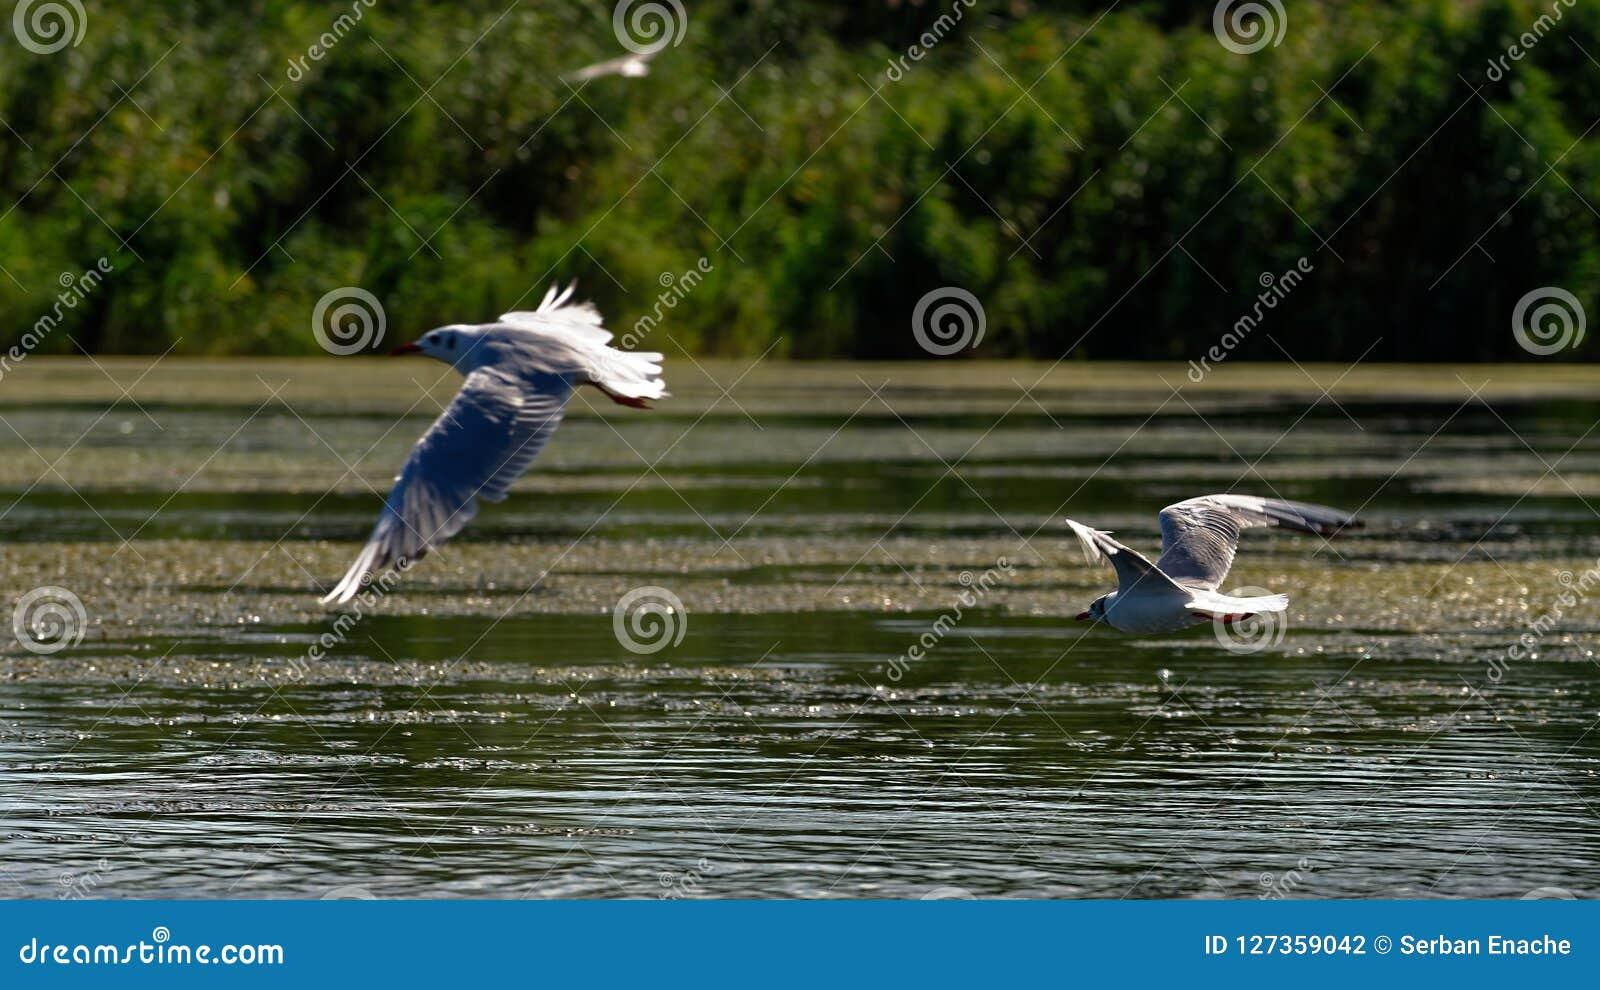 För queensland för mooloolaba för Australien kustflyg taget solsken seagulls